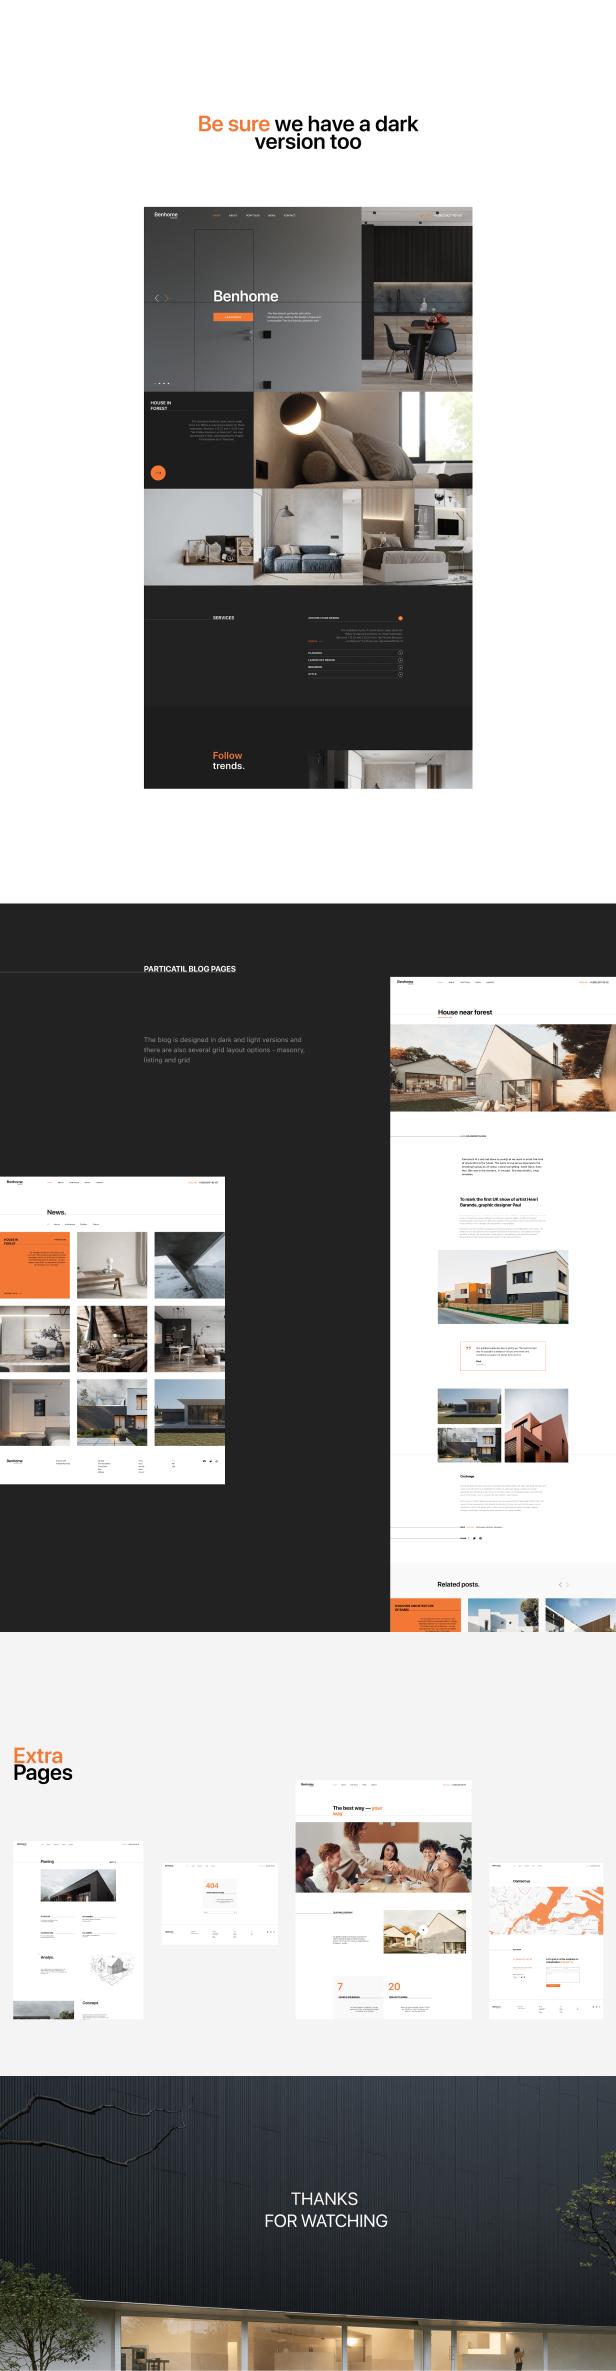 Benhome - Architecture & Interior HTML Template - 7